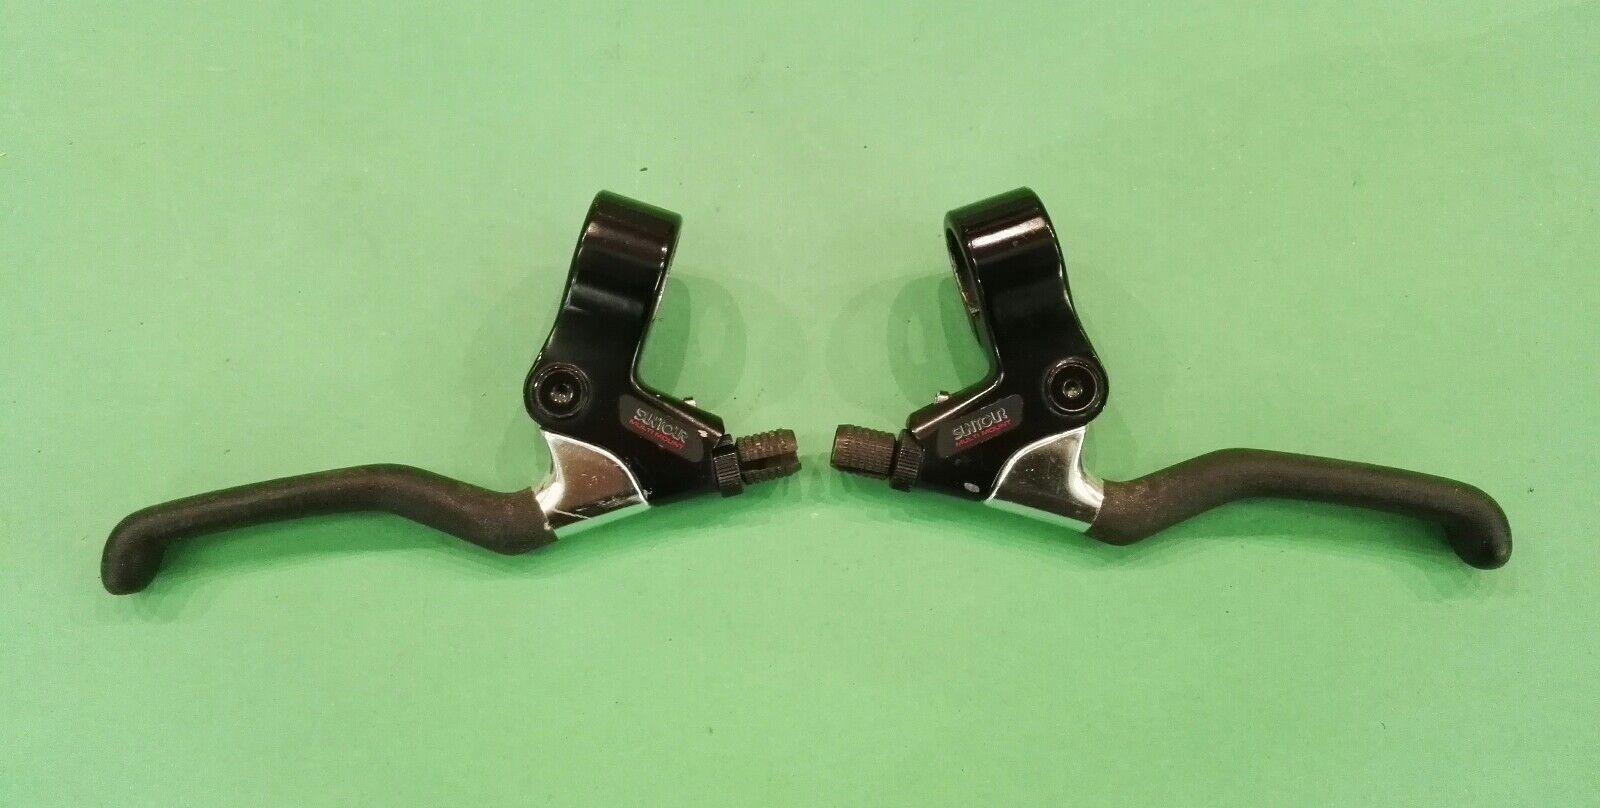 Leve freni Suntour multi mount MTB brake levers